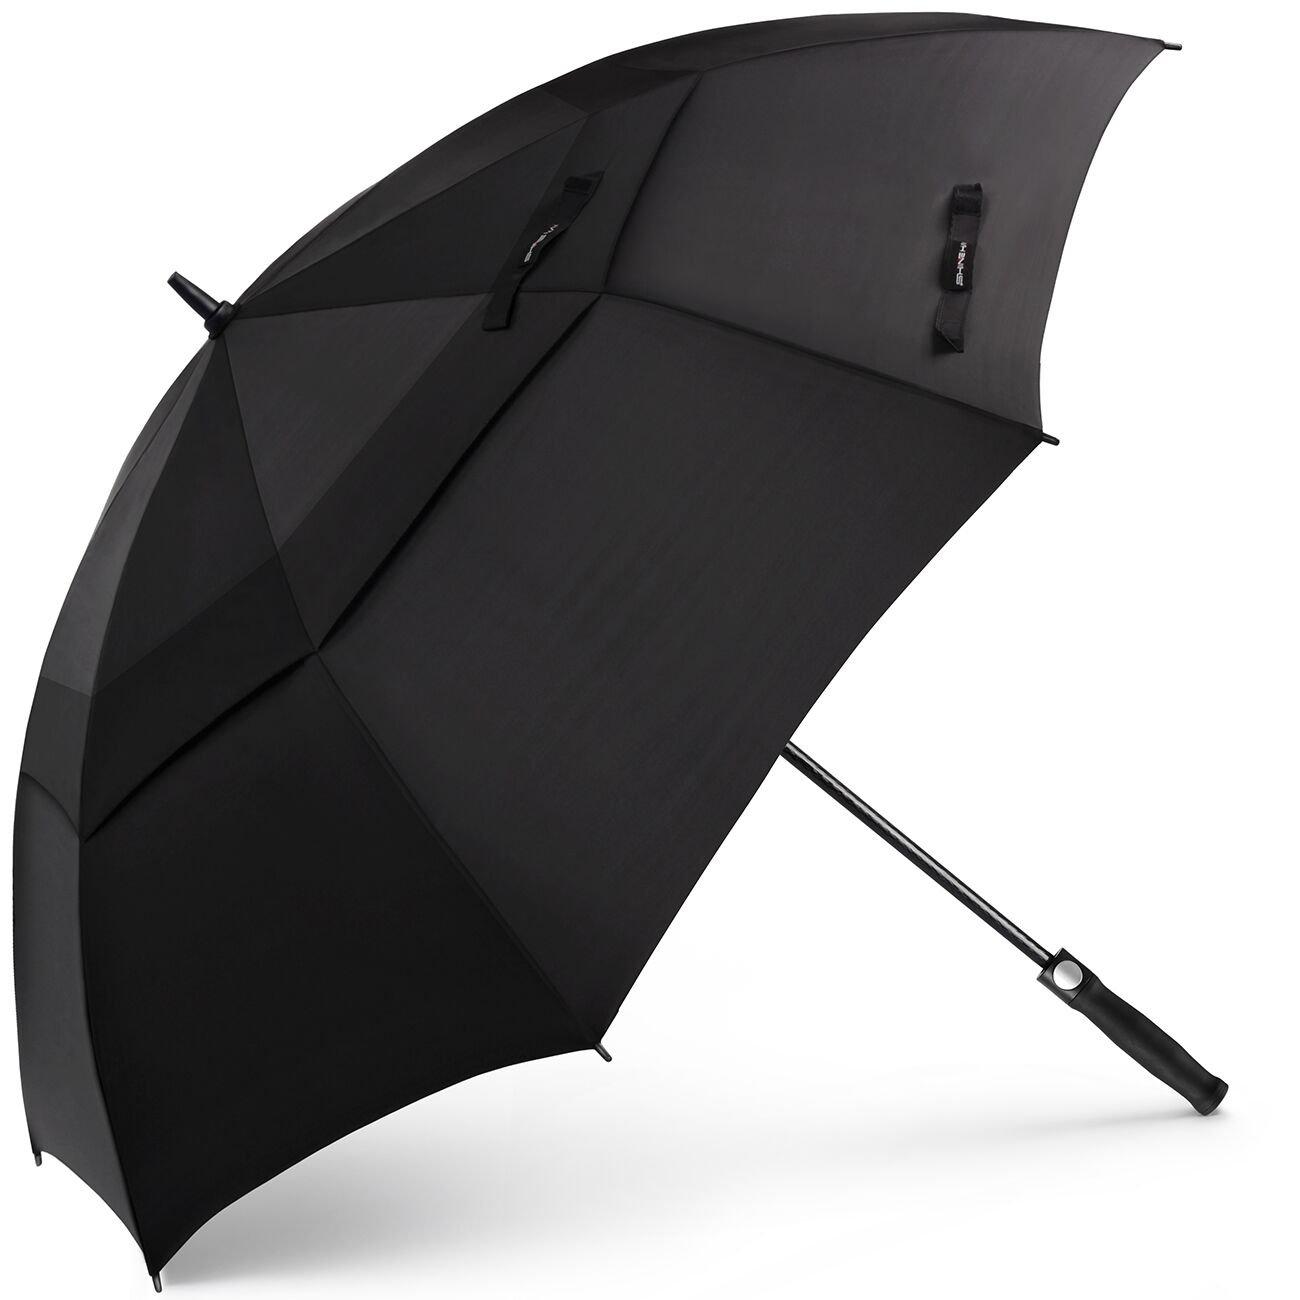 Best Umbrella 2020.Top 20 Best Windproof Umbrellas Reviews 2018 2020 On